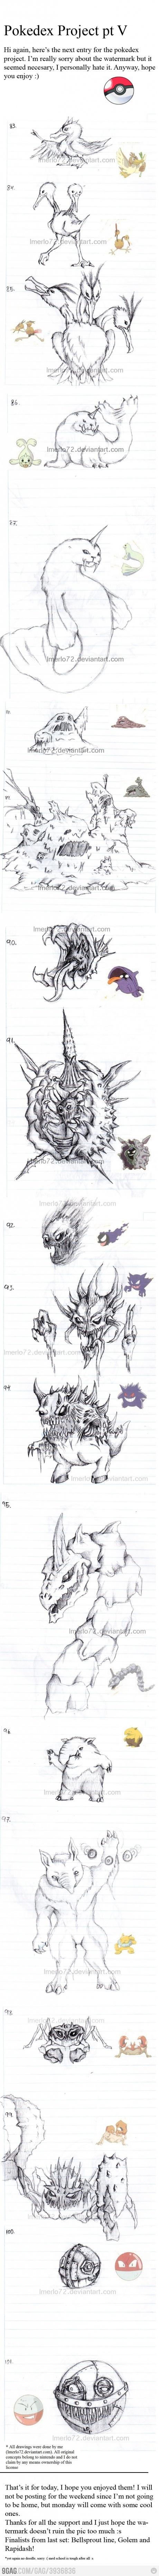 Pokemon Reimagined V